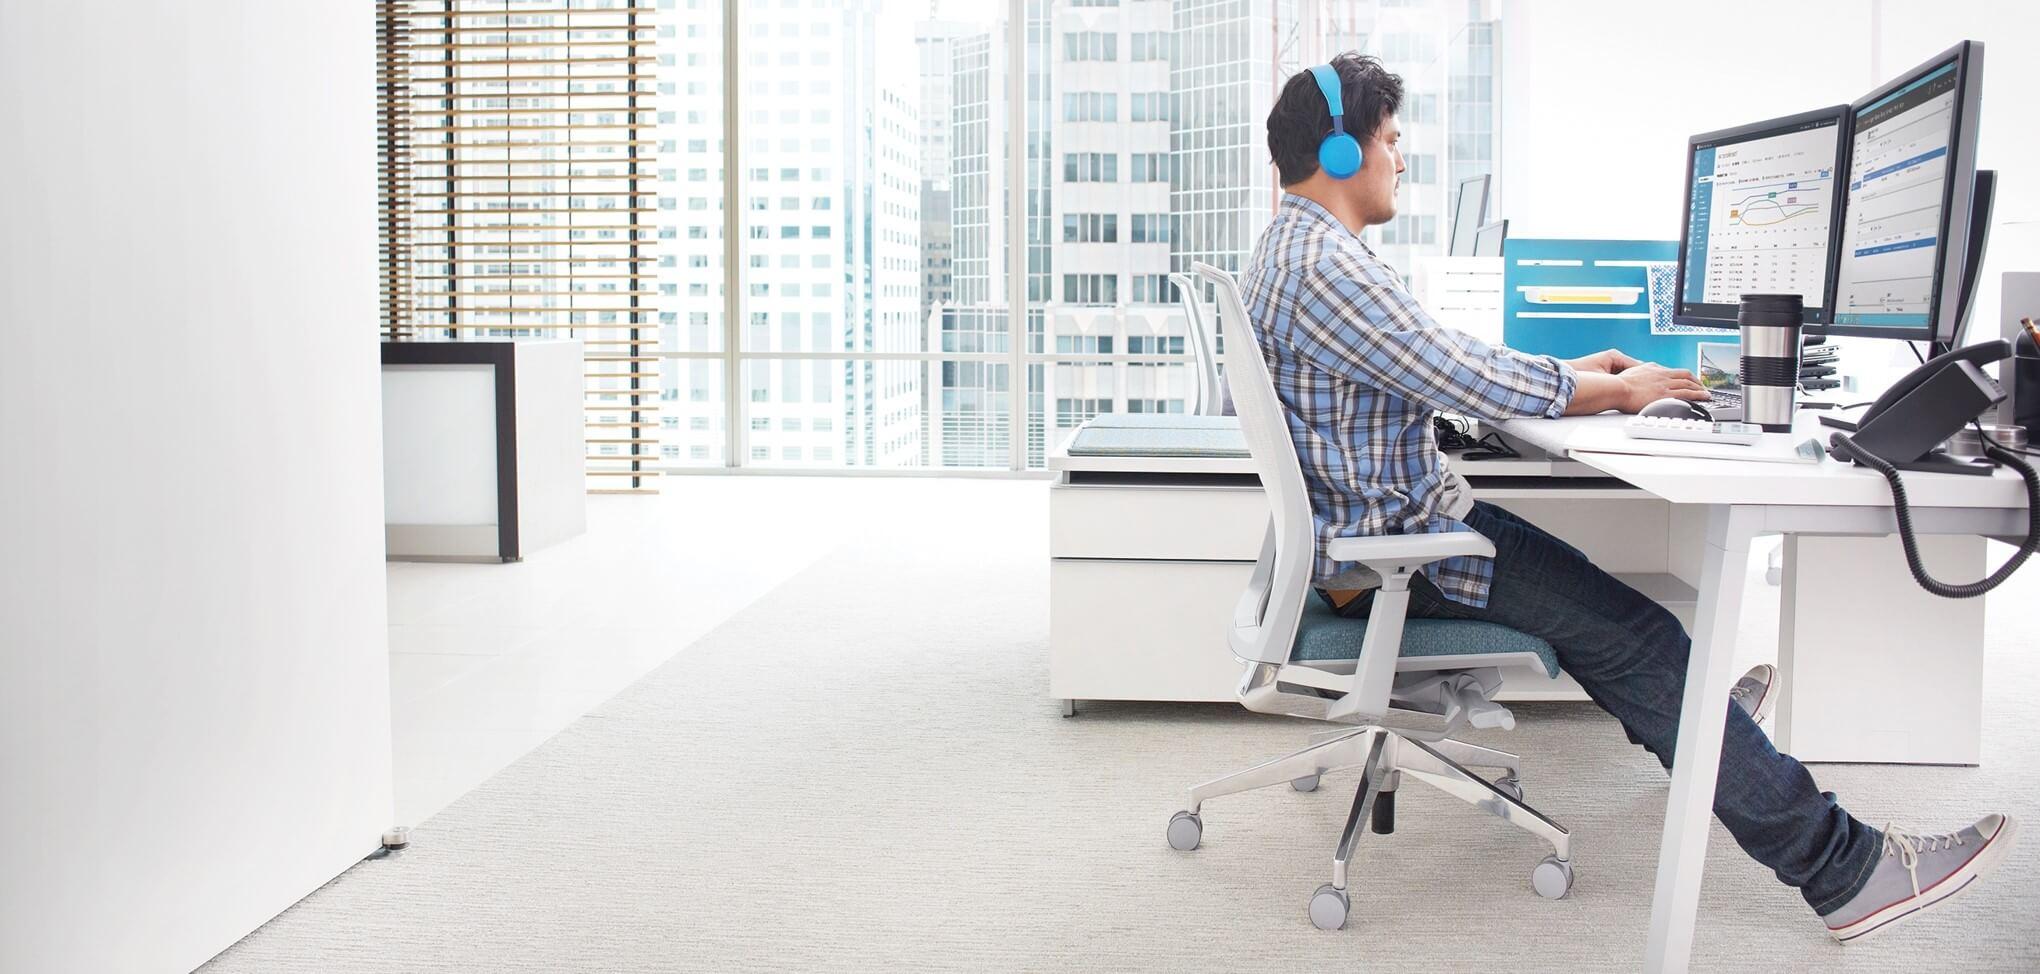 Zuverlässigkeit & Sicherheit am Arbeitsplatz mit Office365 / Microsoft365